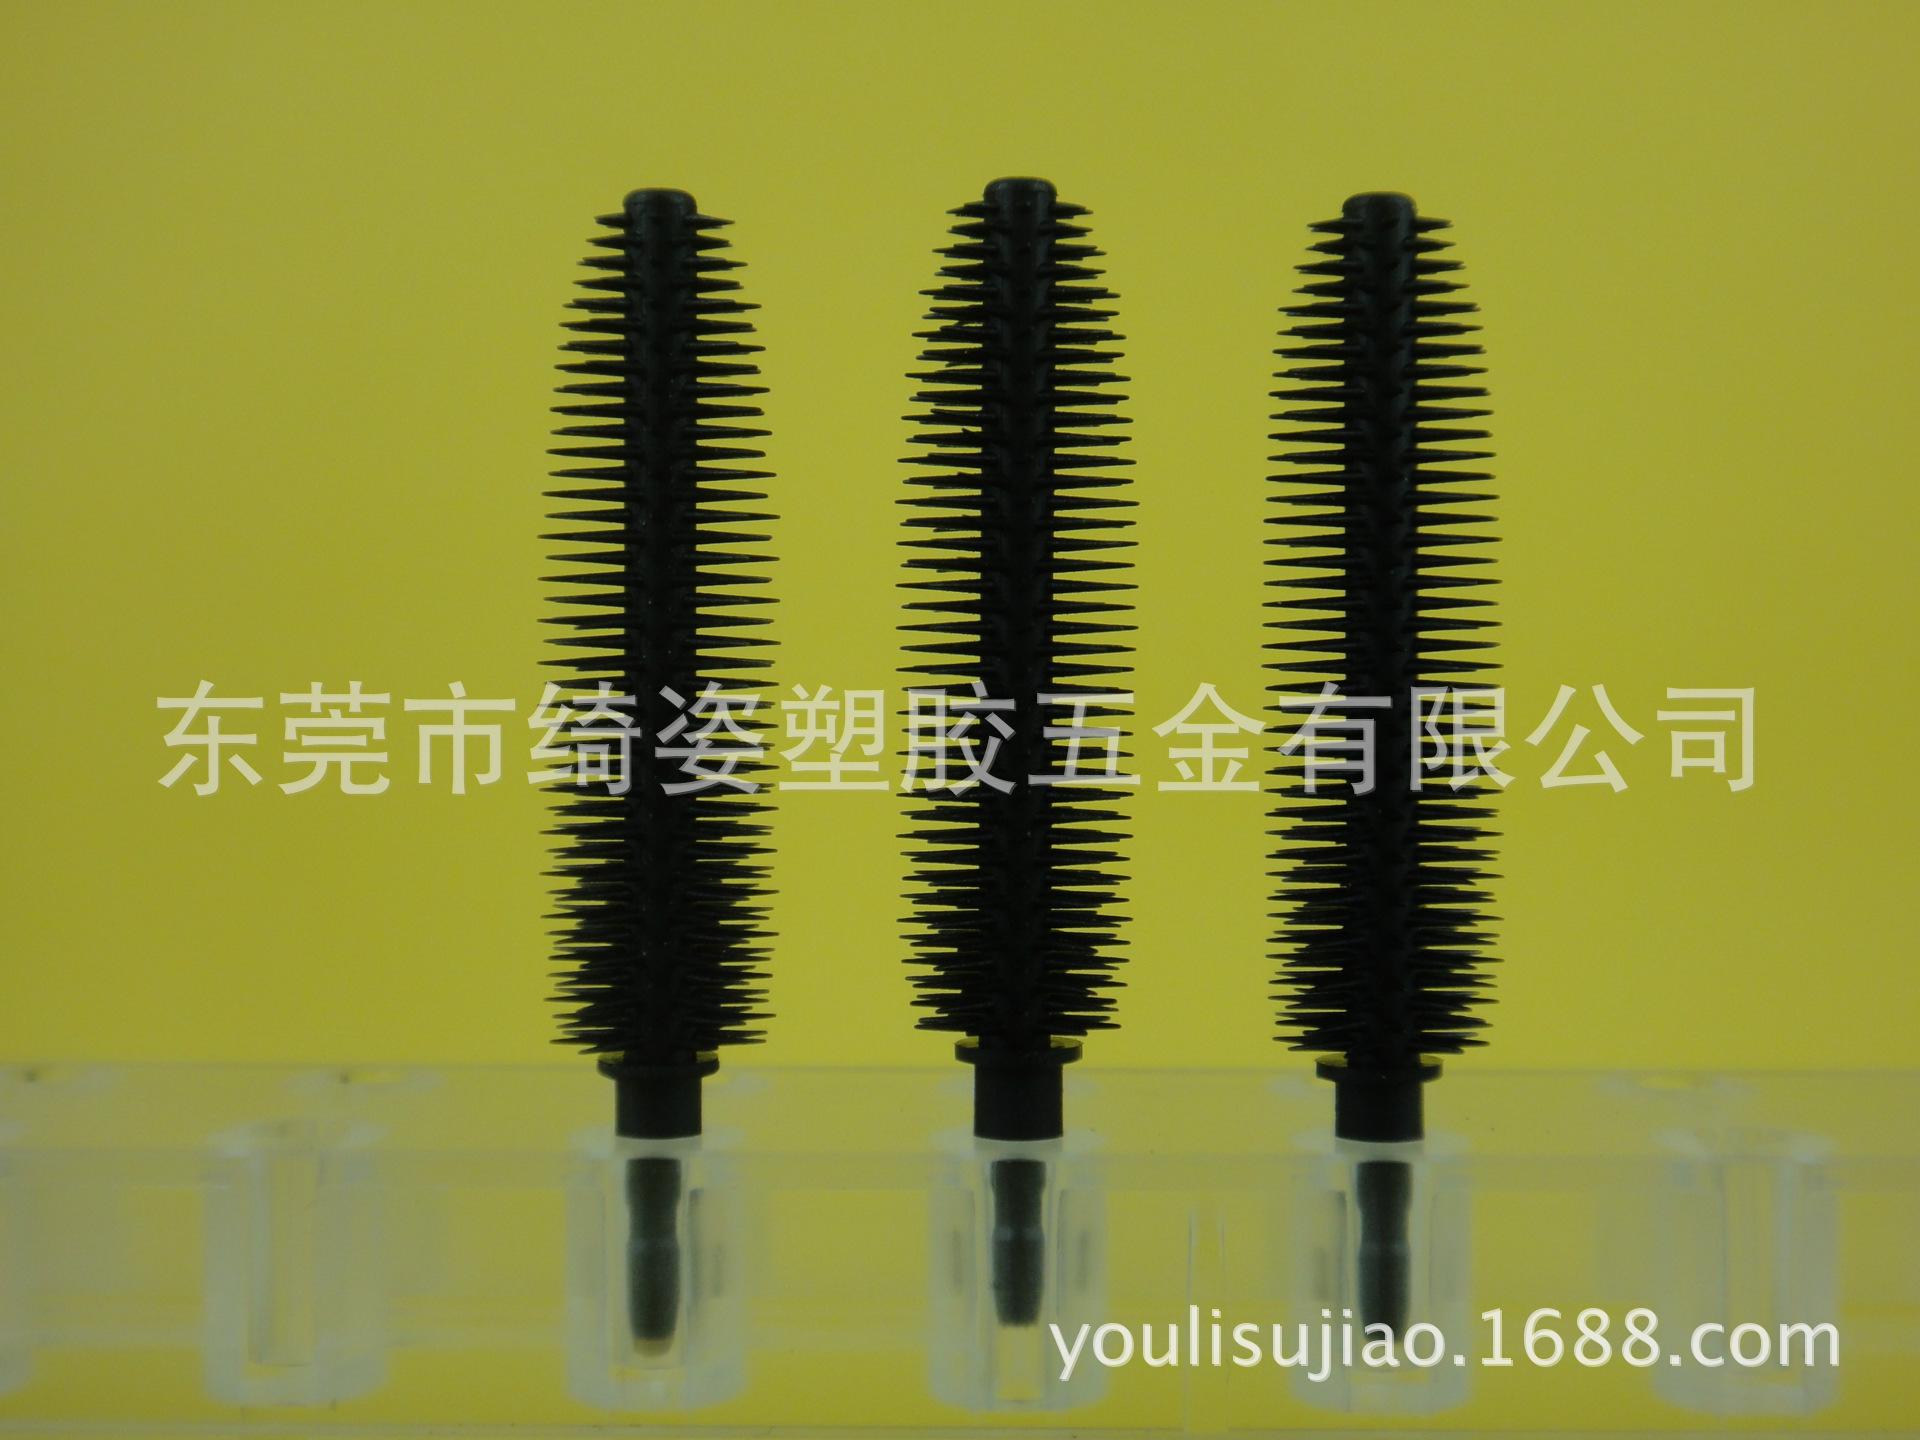 睫毛刷(QZ-69)【迷你纤长型】